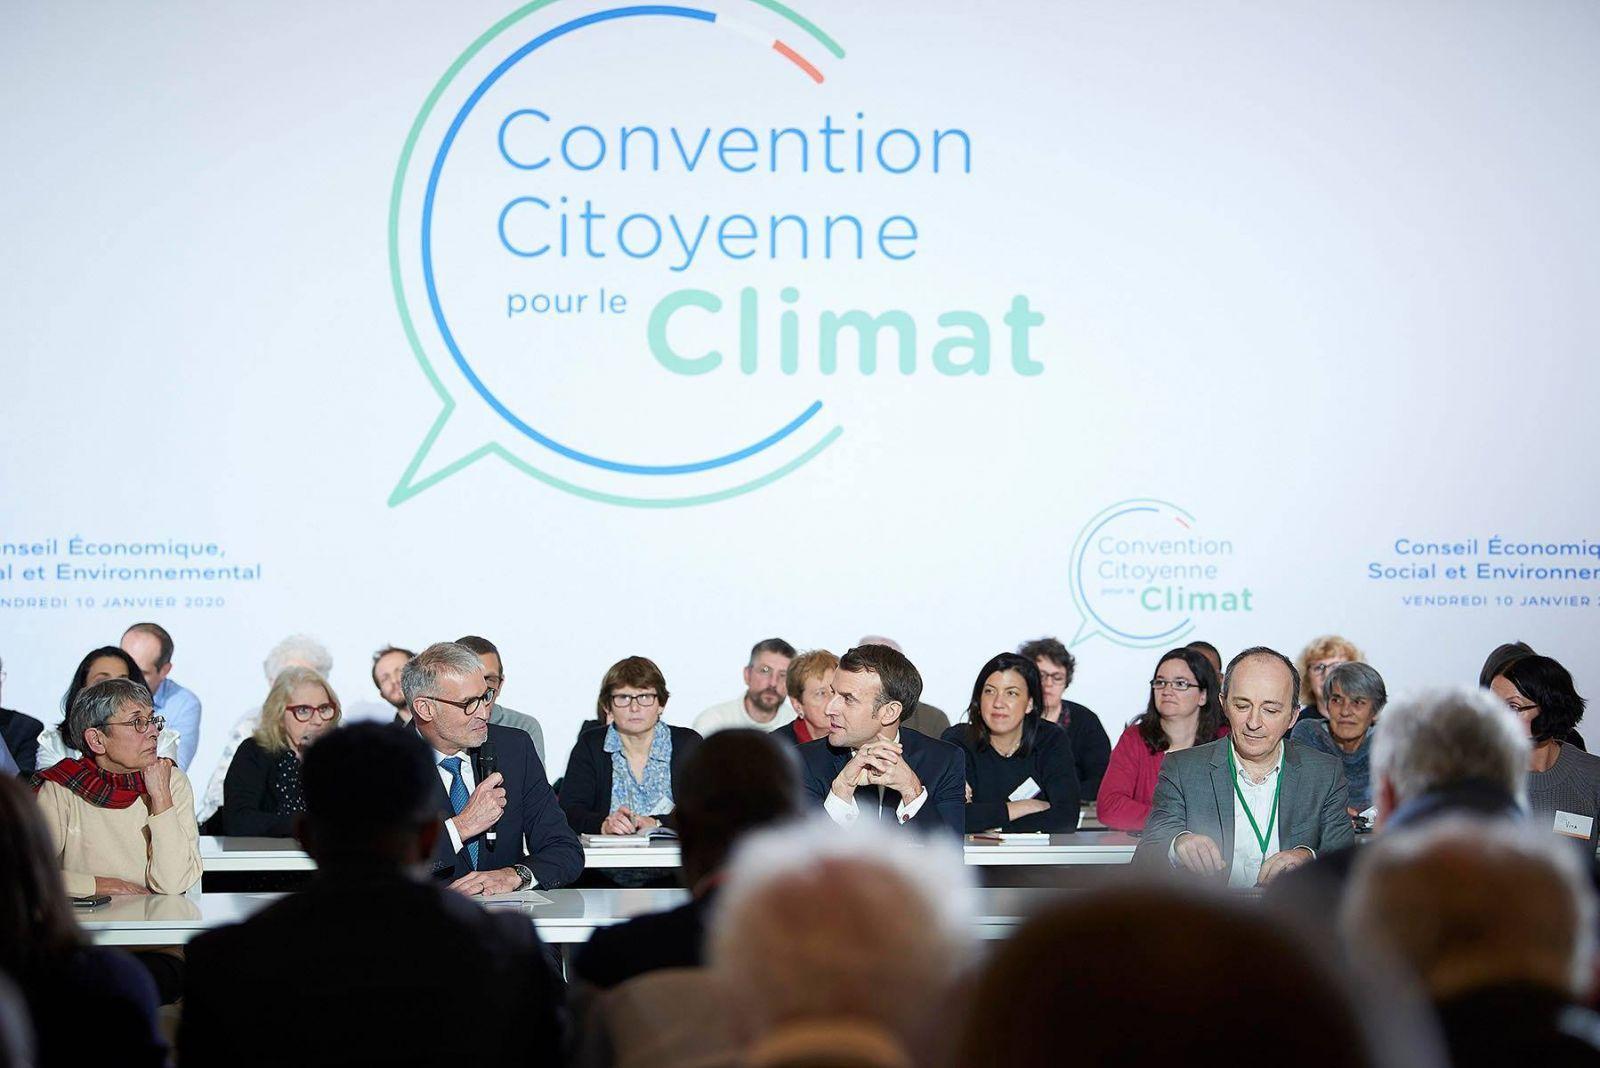 La Convention citoyenne pour le climat, un exercice démocratique inédit